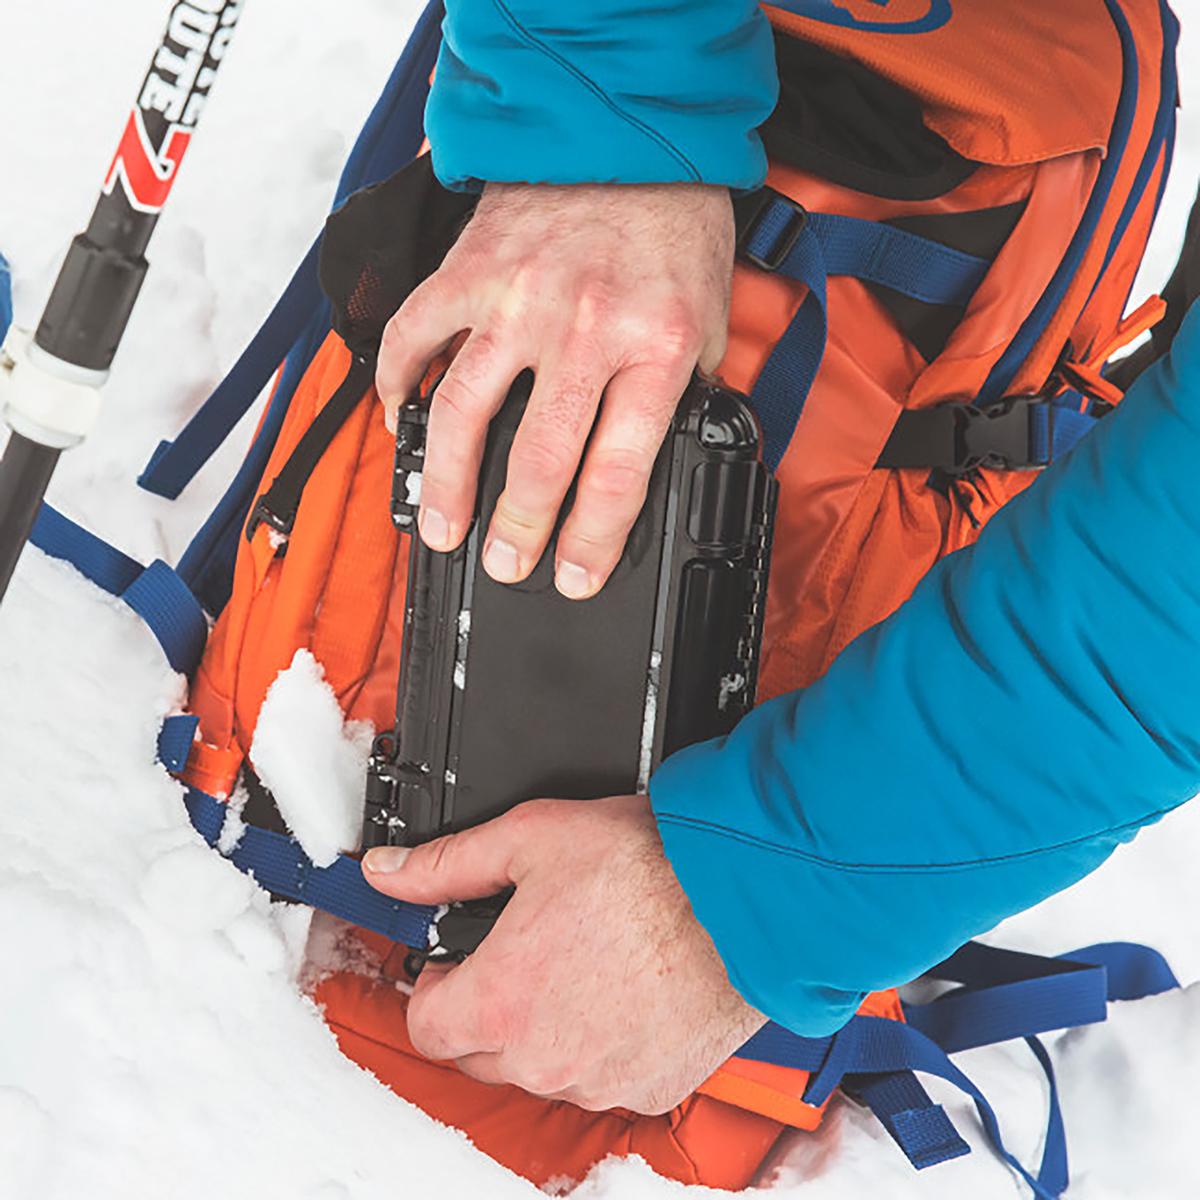 AIRMKT eCom PN XXXXXX Otter Box 170131_DryBox_CameronPass_033 WEB